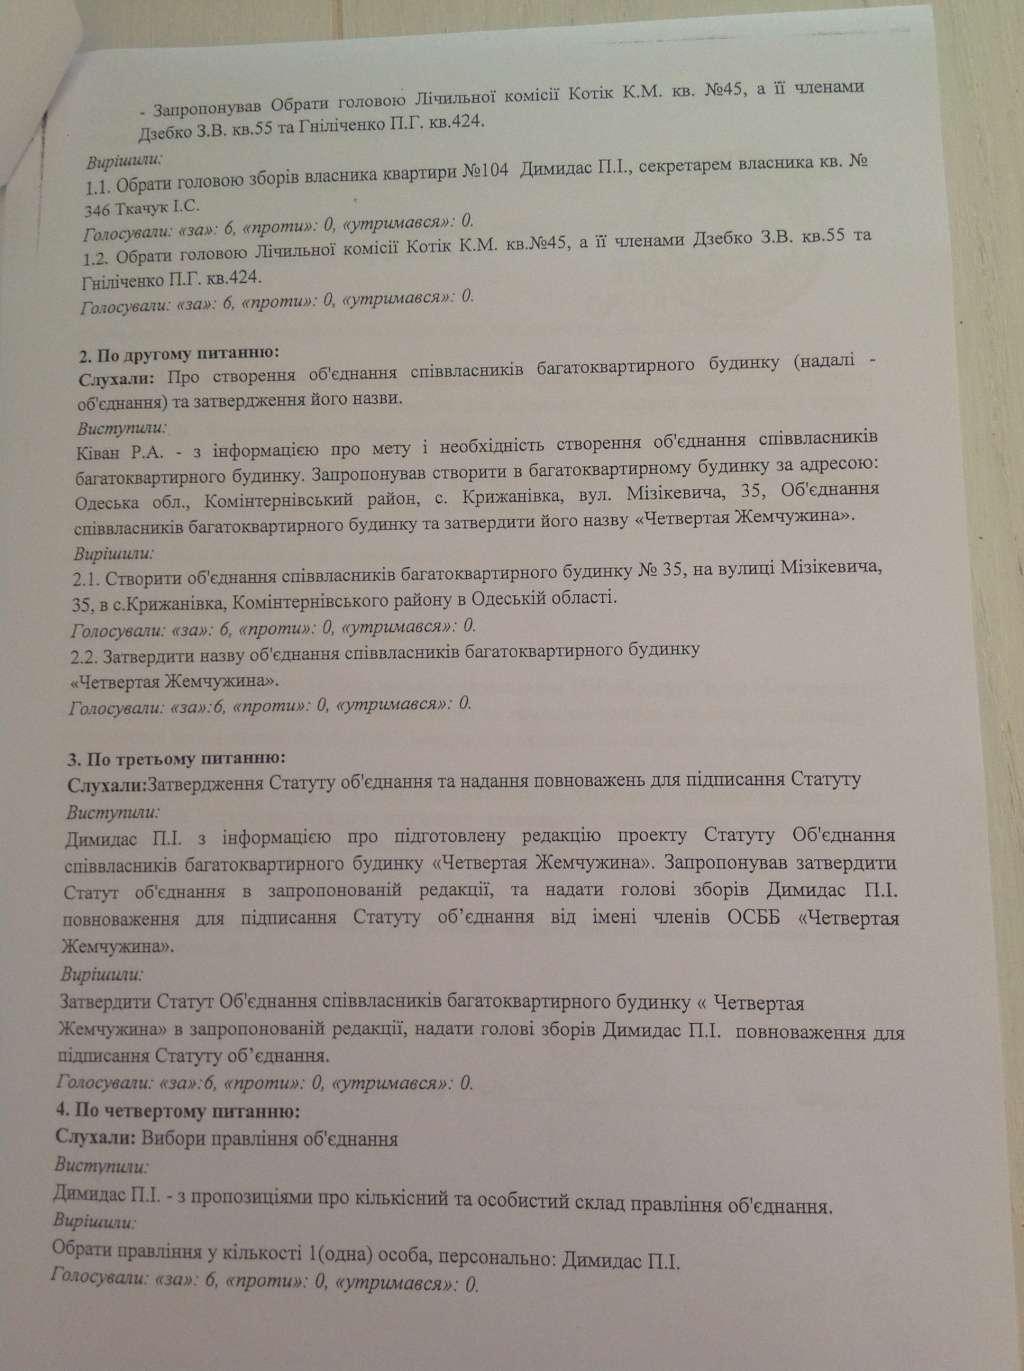 Протокол № 1 210